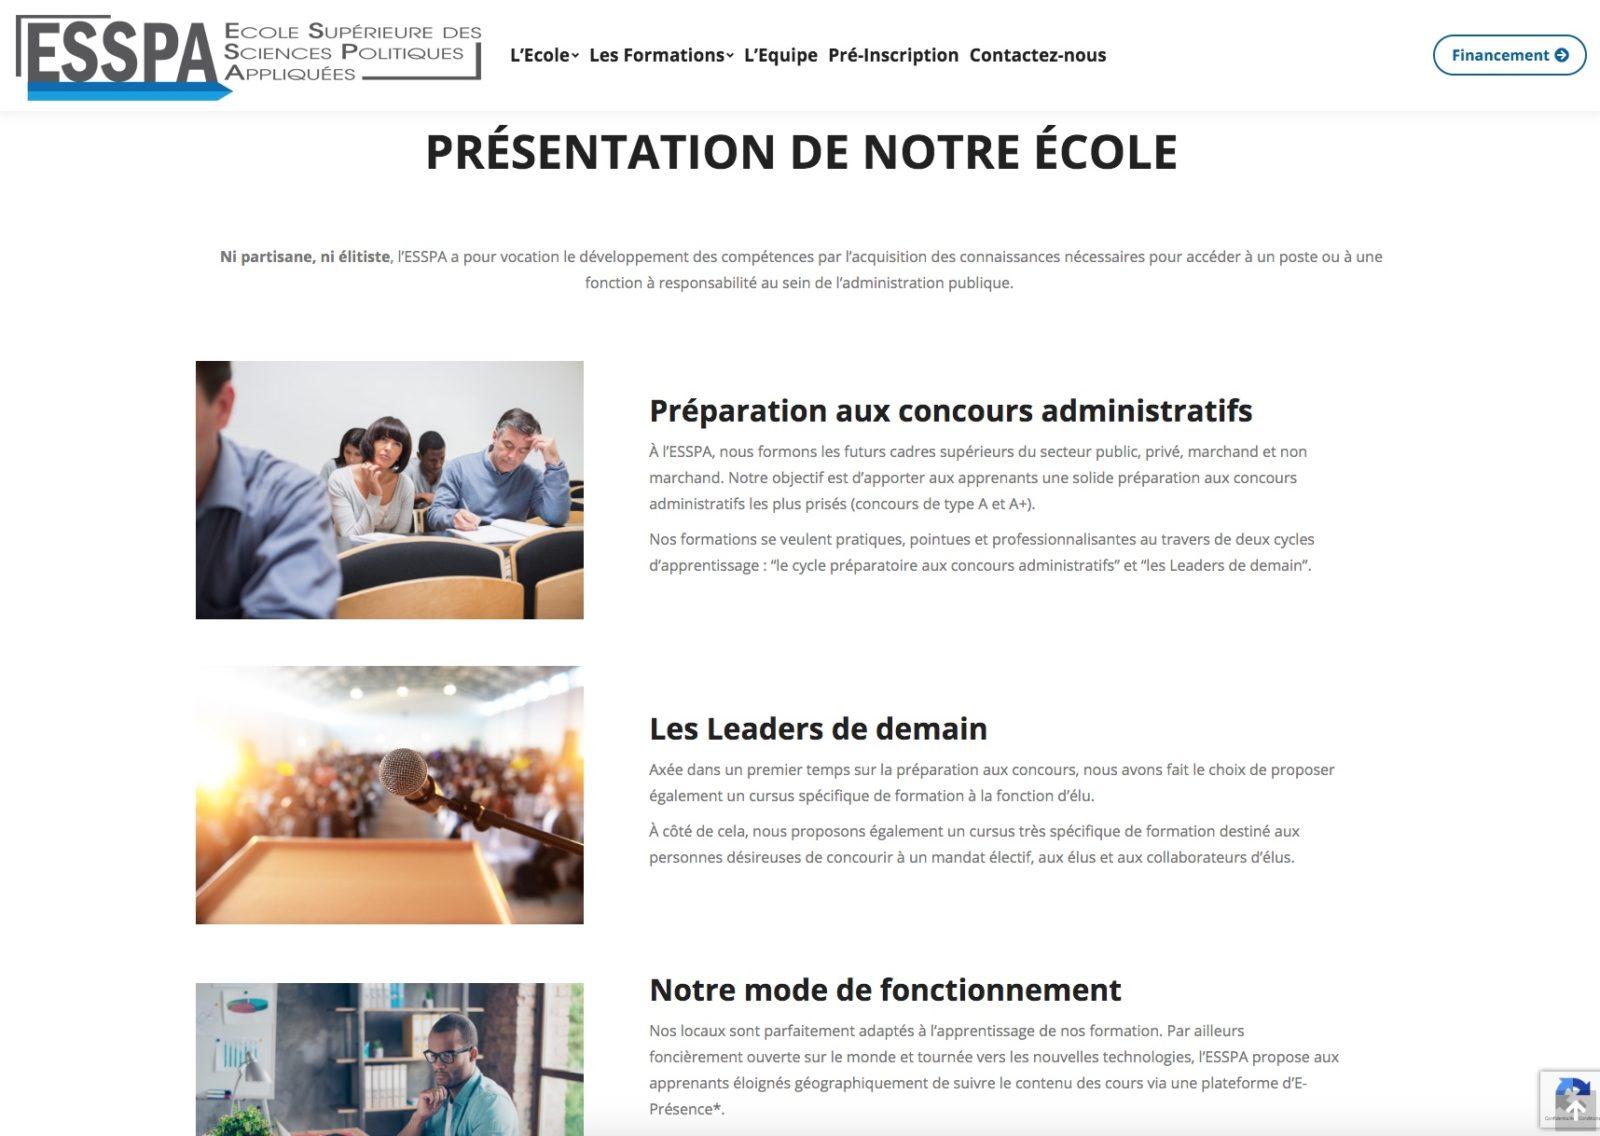 ESSPA, une école aux multiples formations, un client Karedess, agence web situé à Mulhouse